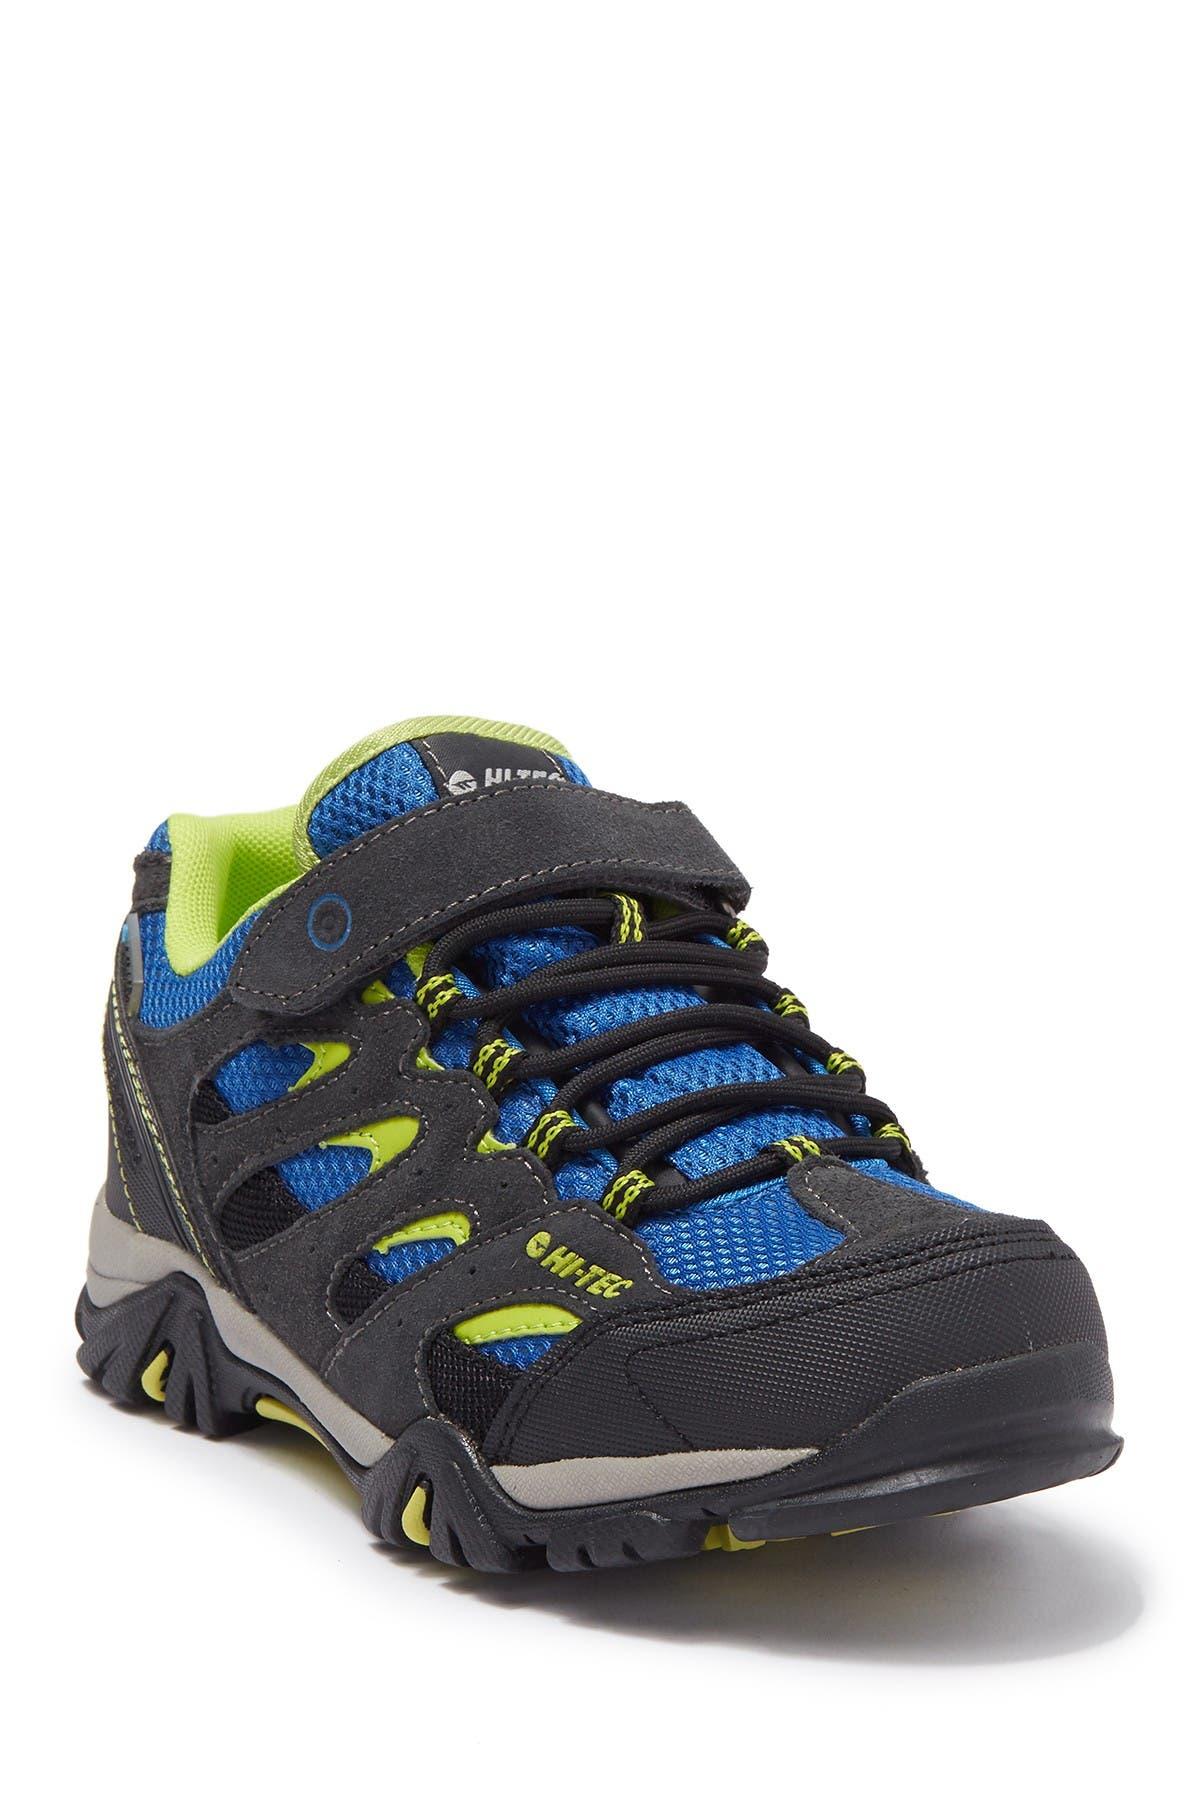 Image of Hi-Tec Ravus Low EZ Sneaker